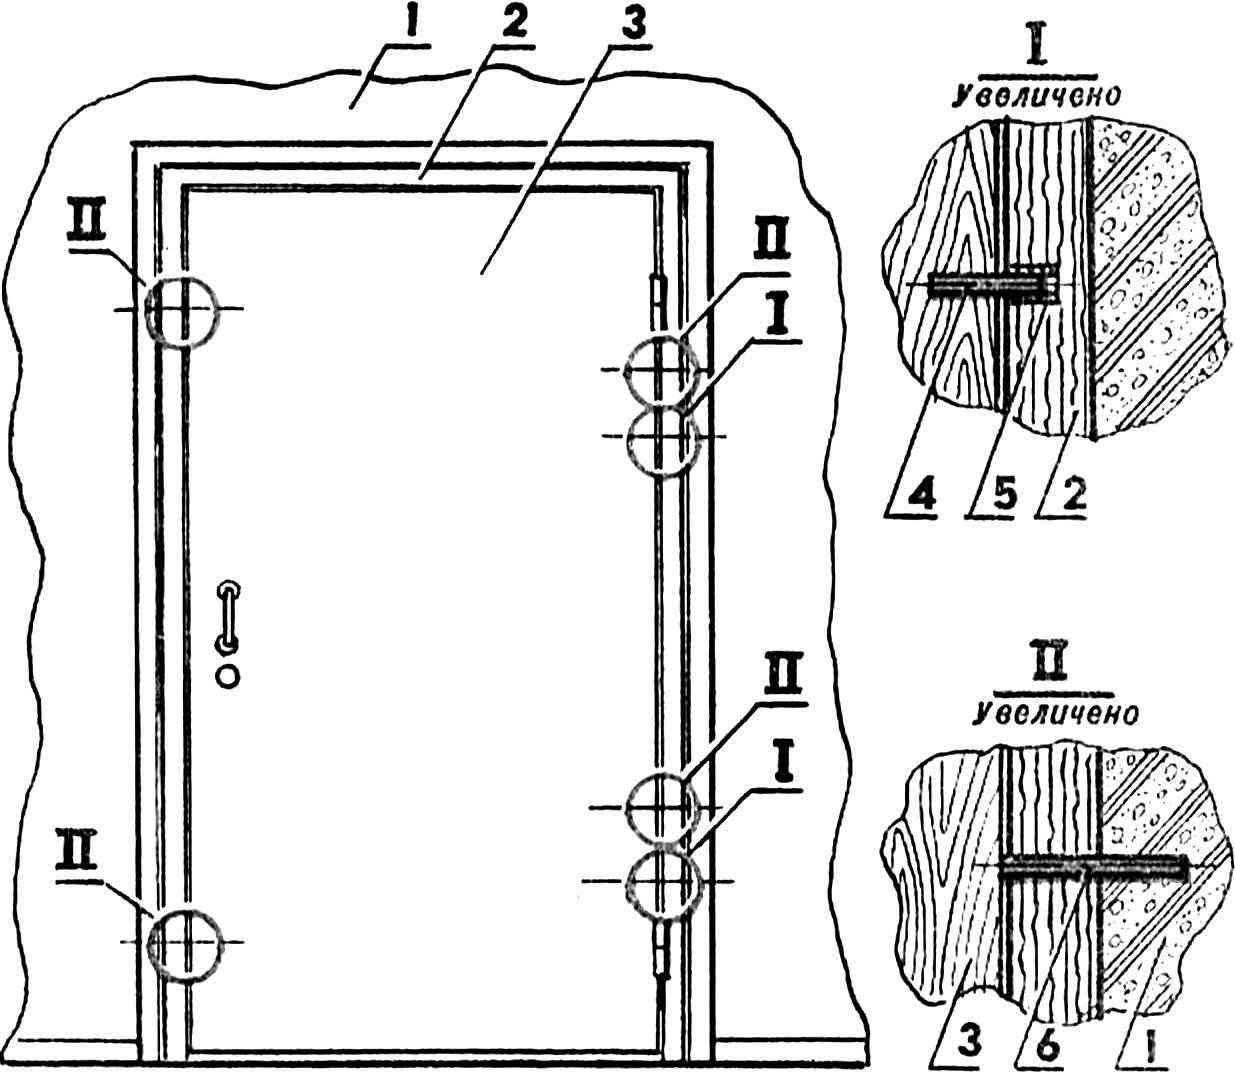 Рис. 1. Усиление двери и дверной коробки.